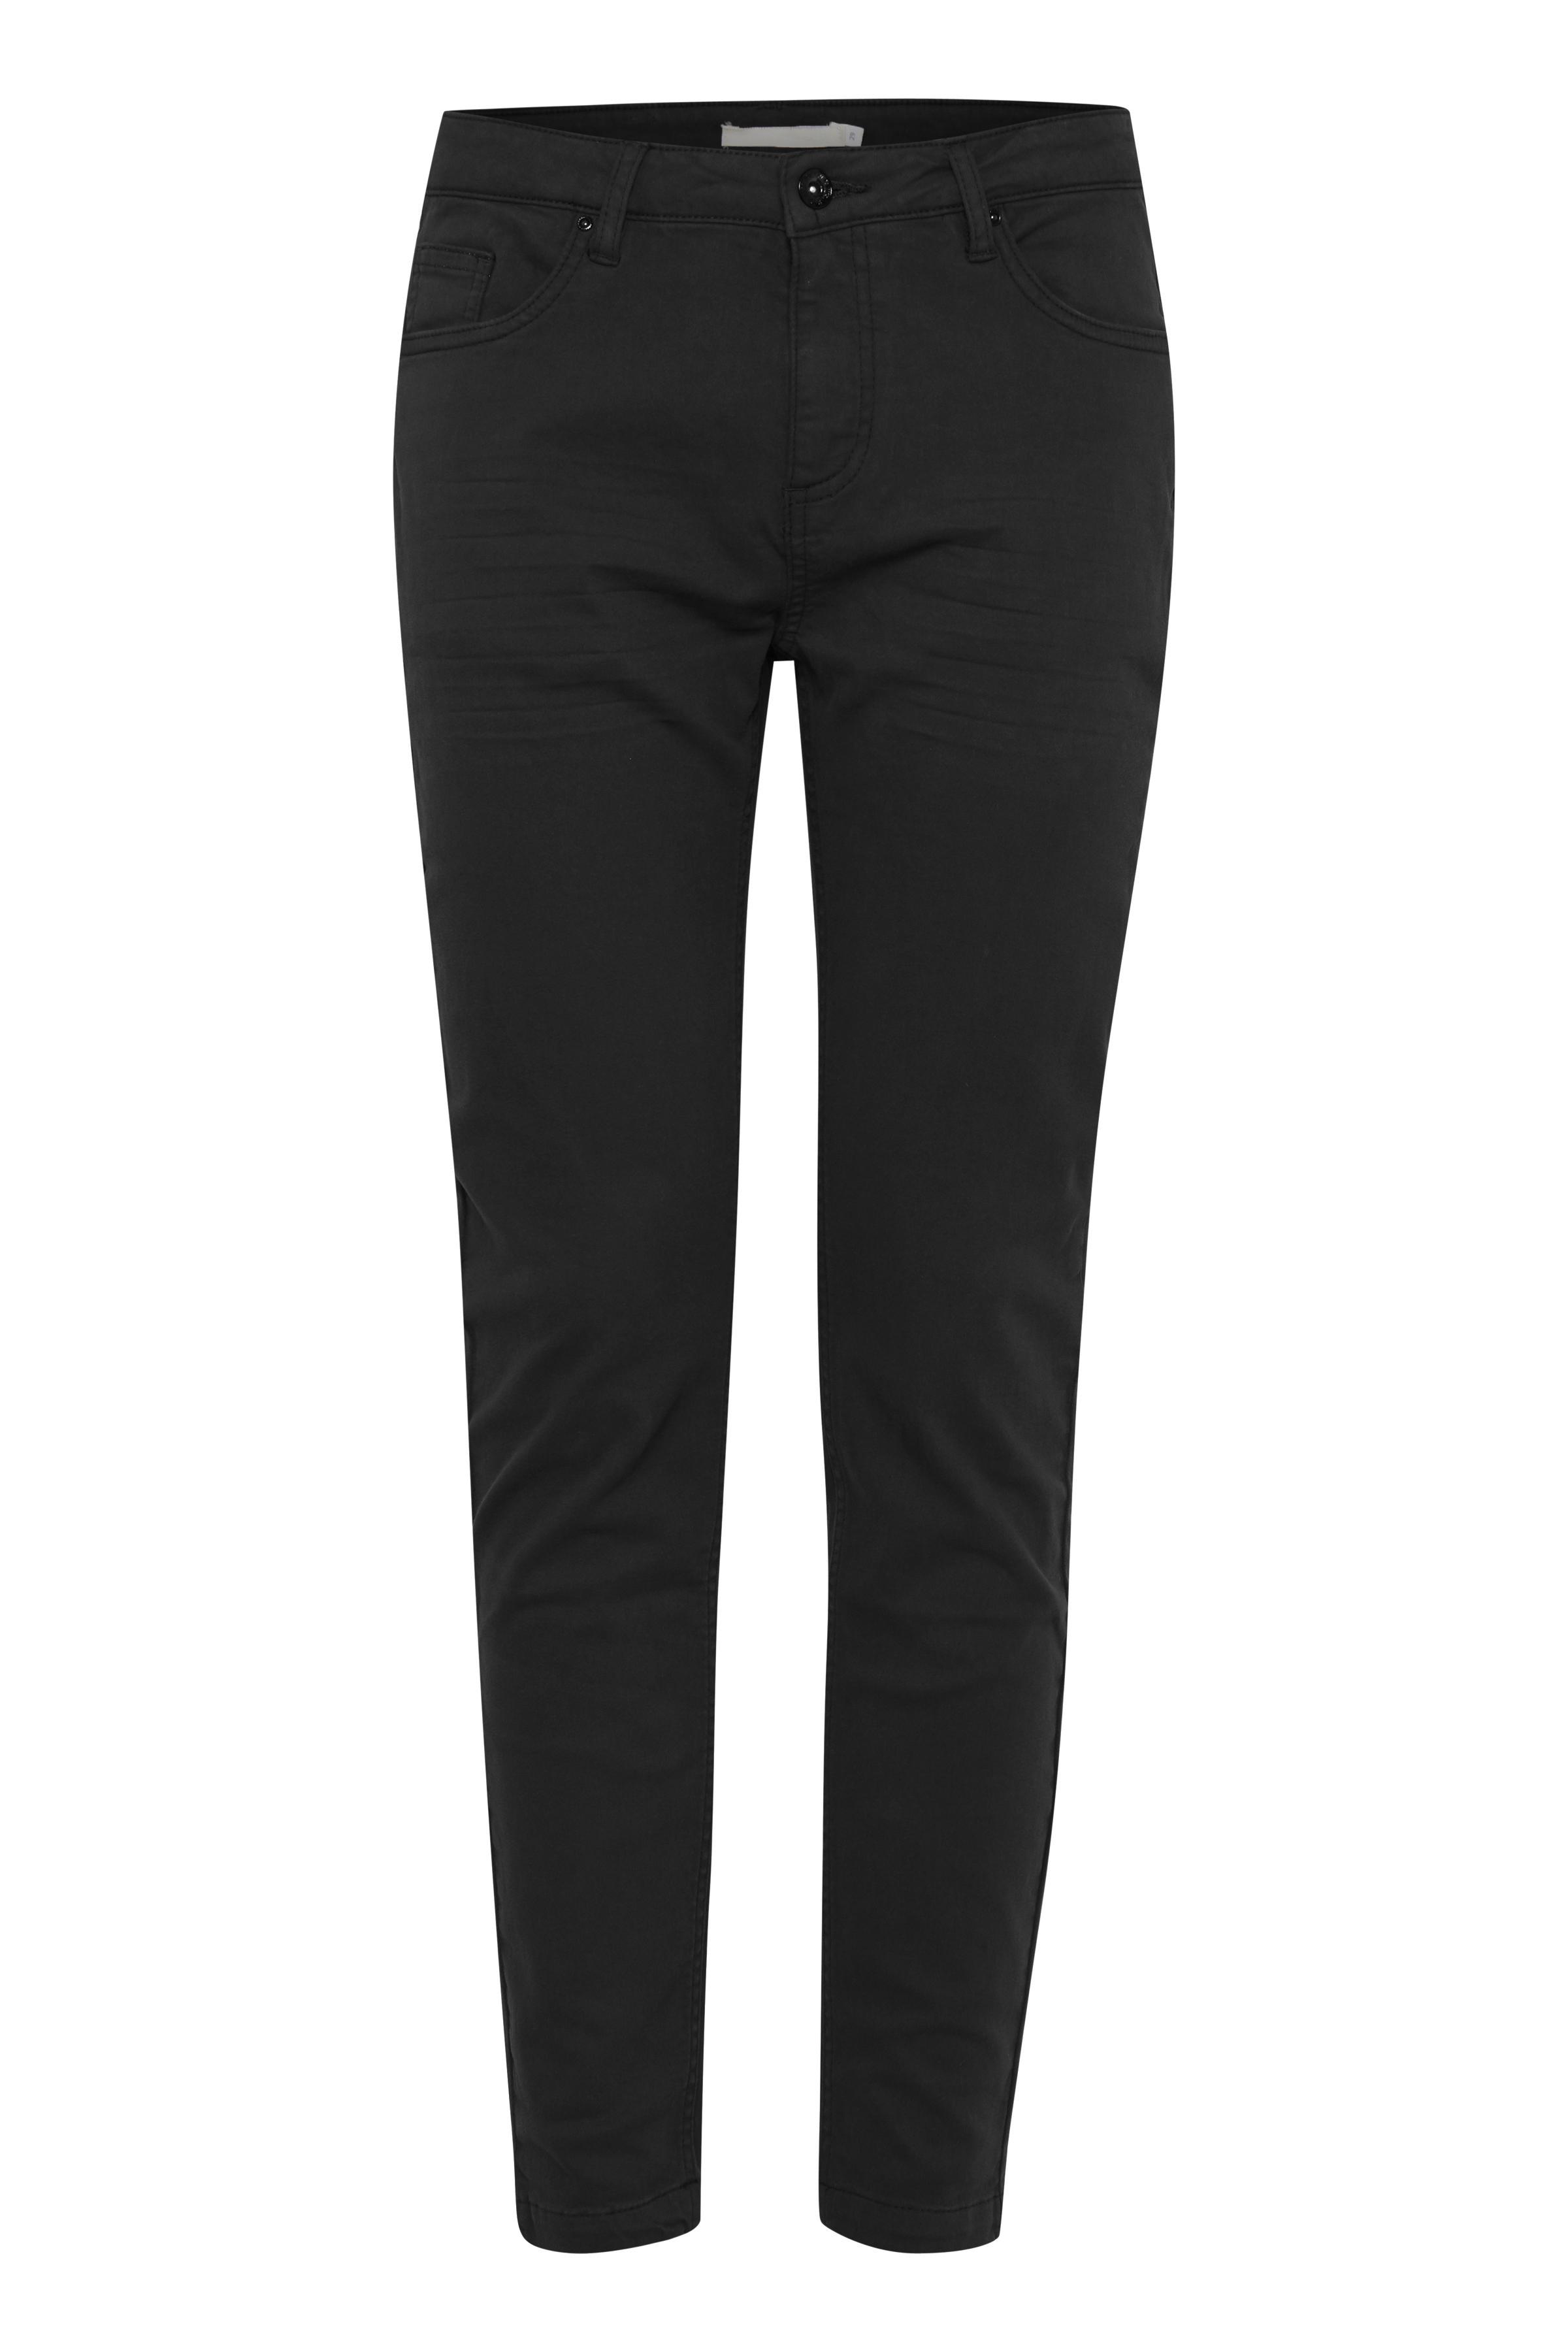 Black Jeans fra b.young – Køb Black Jeans fra str. 25-36 her